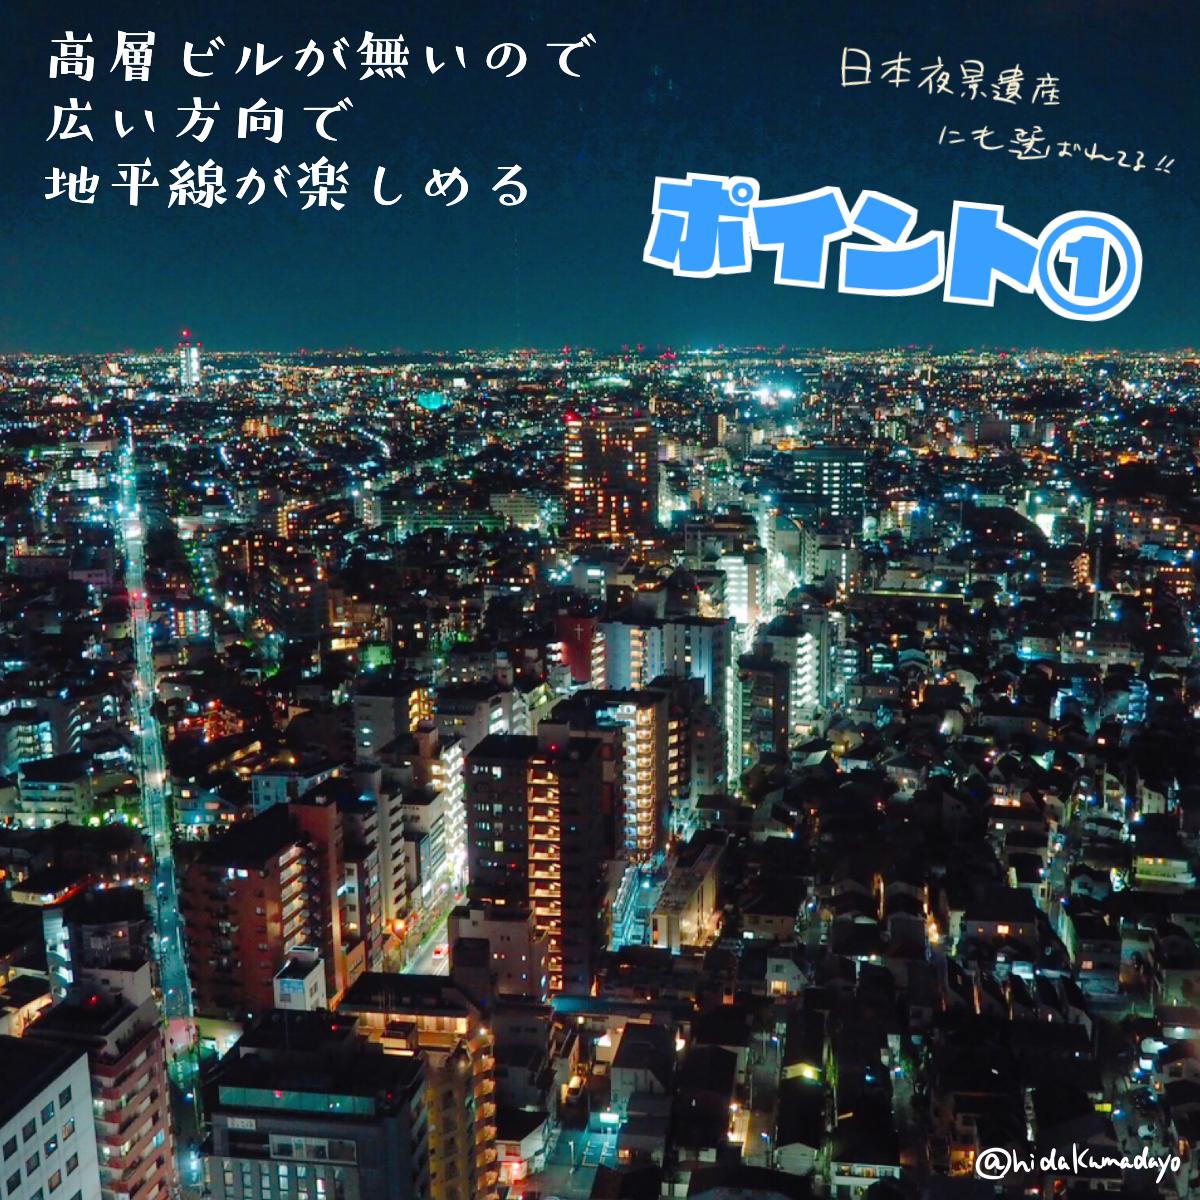 f:id:hidakumadayo:20190403214420p:plain